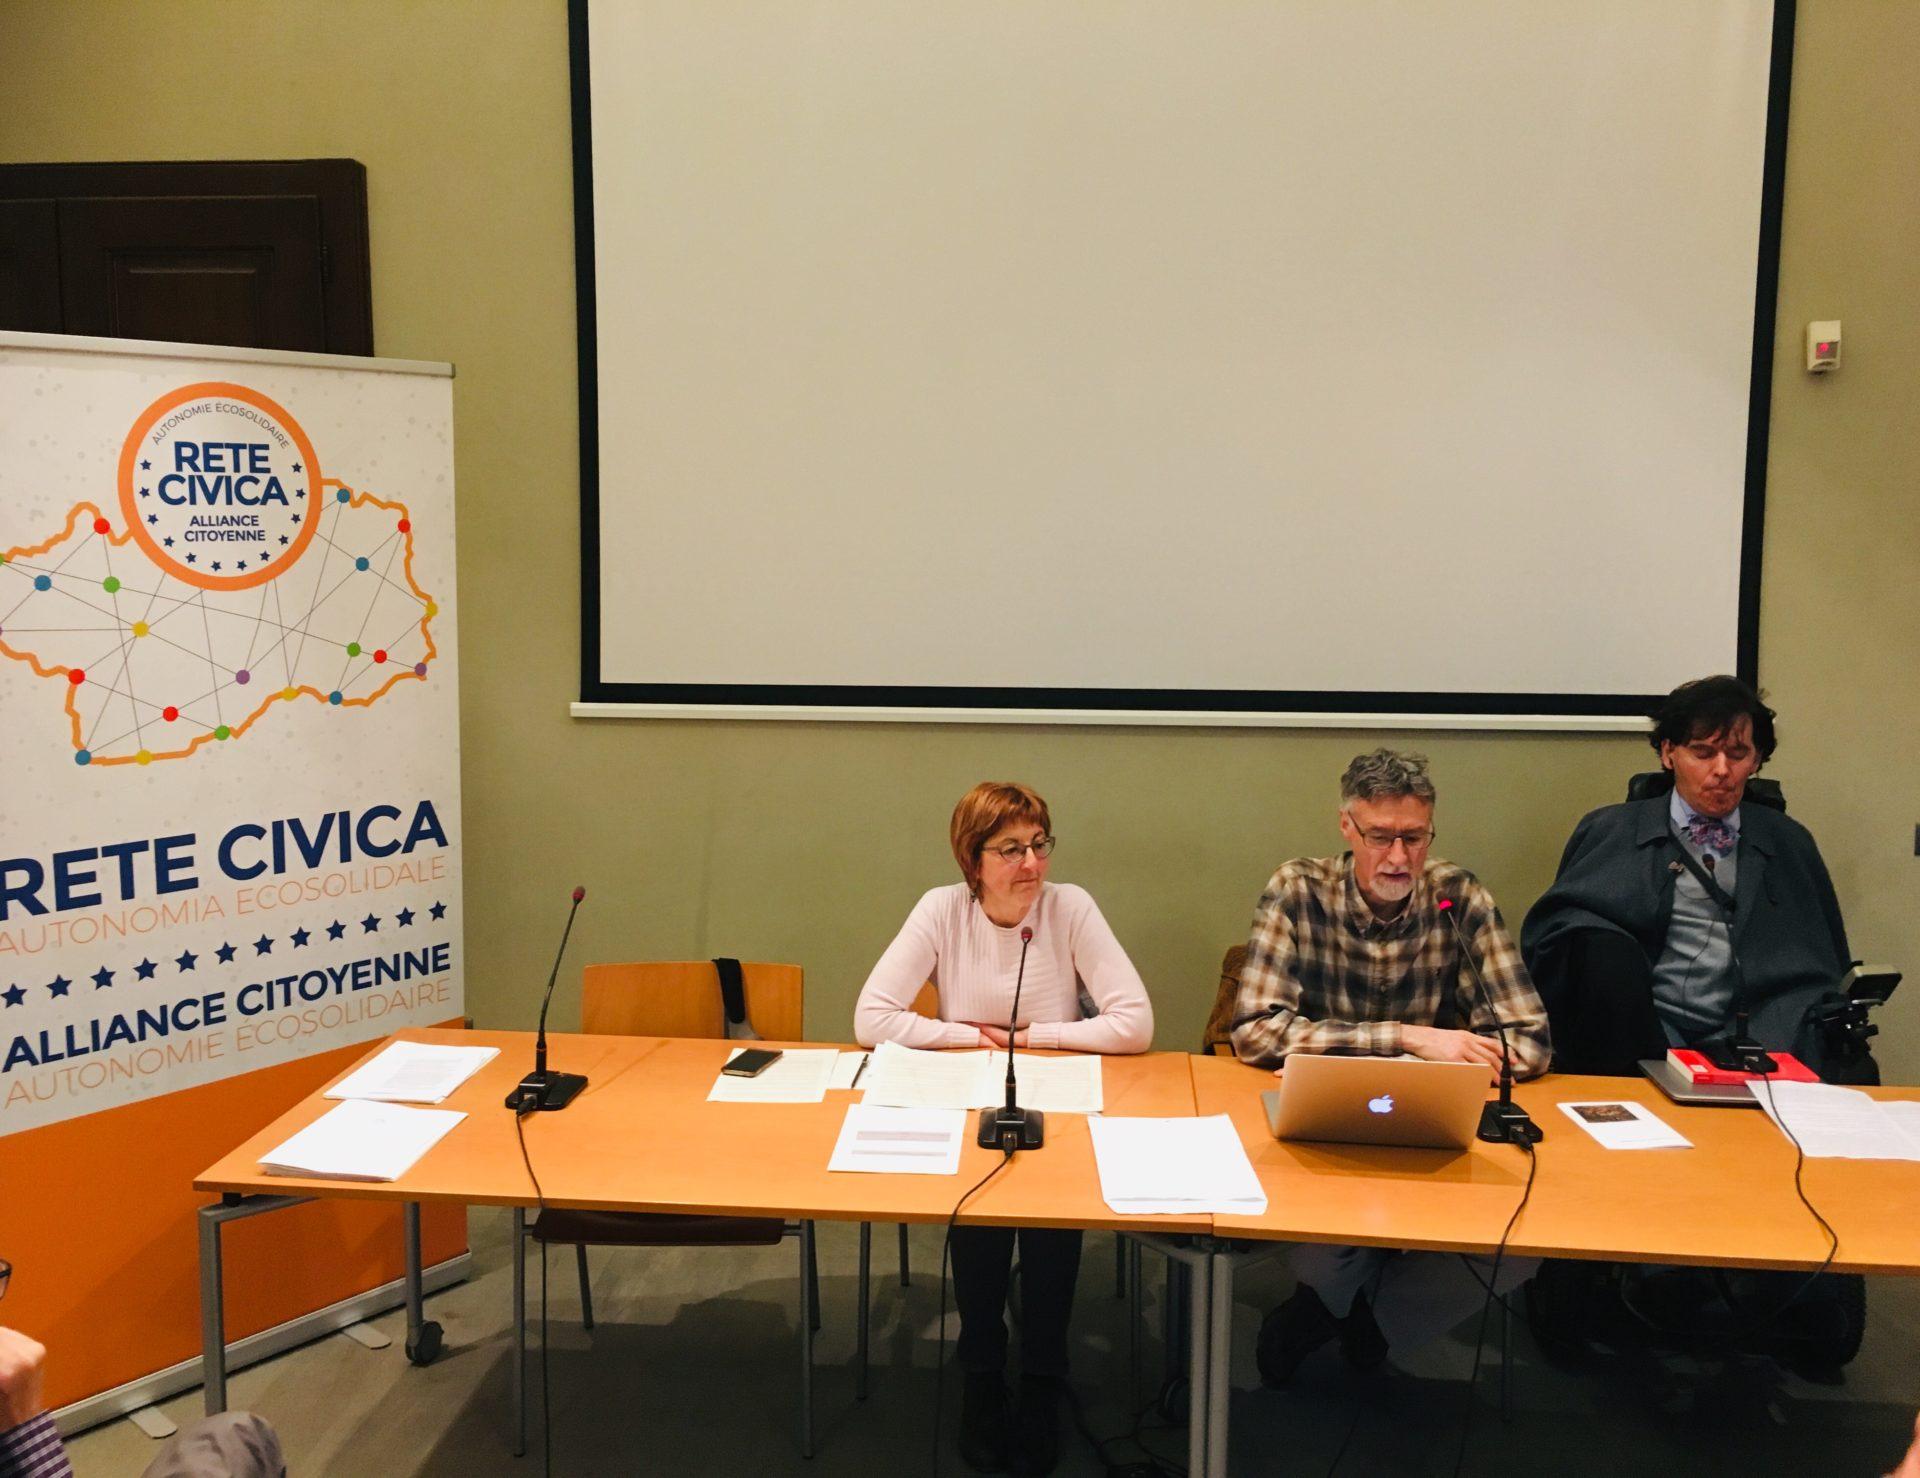 Rete Civica - Chiara Minelli, Loris Sartore e Alberto Bertin